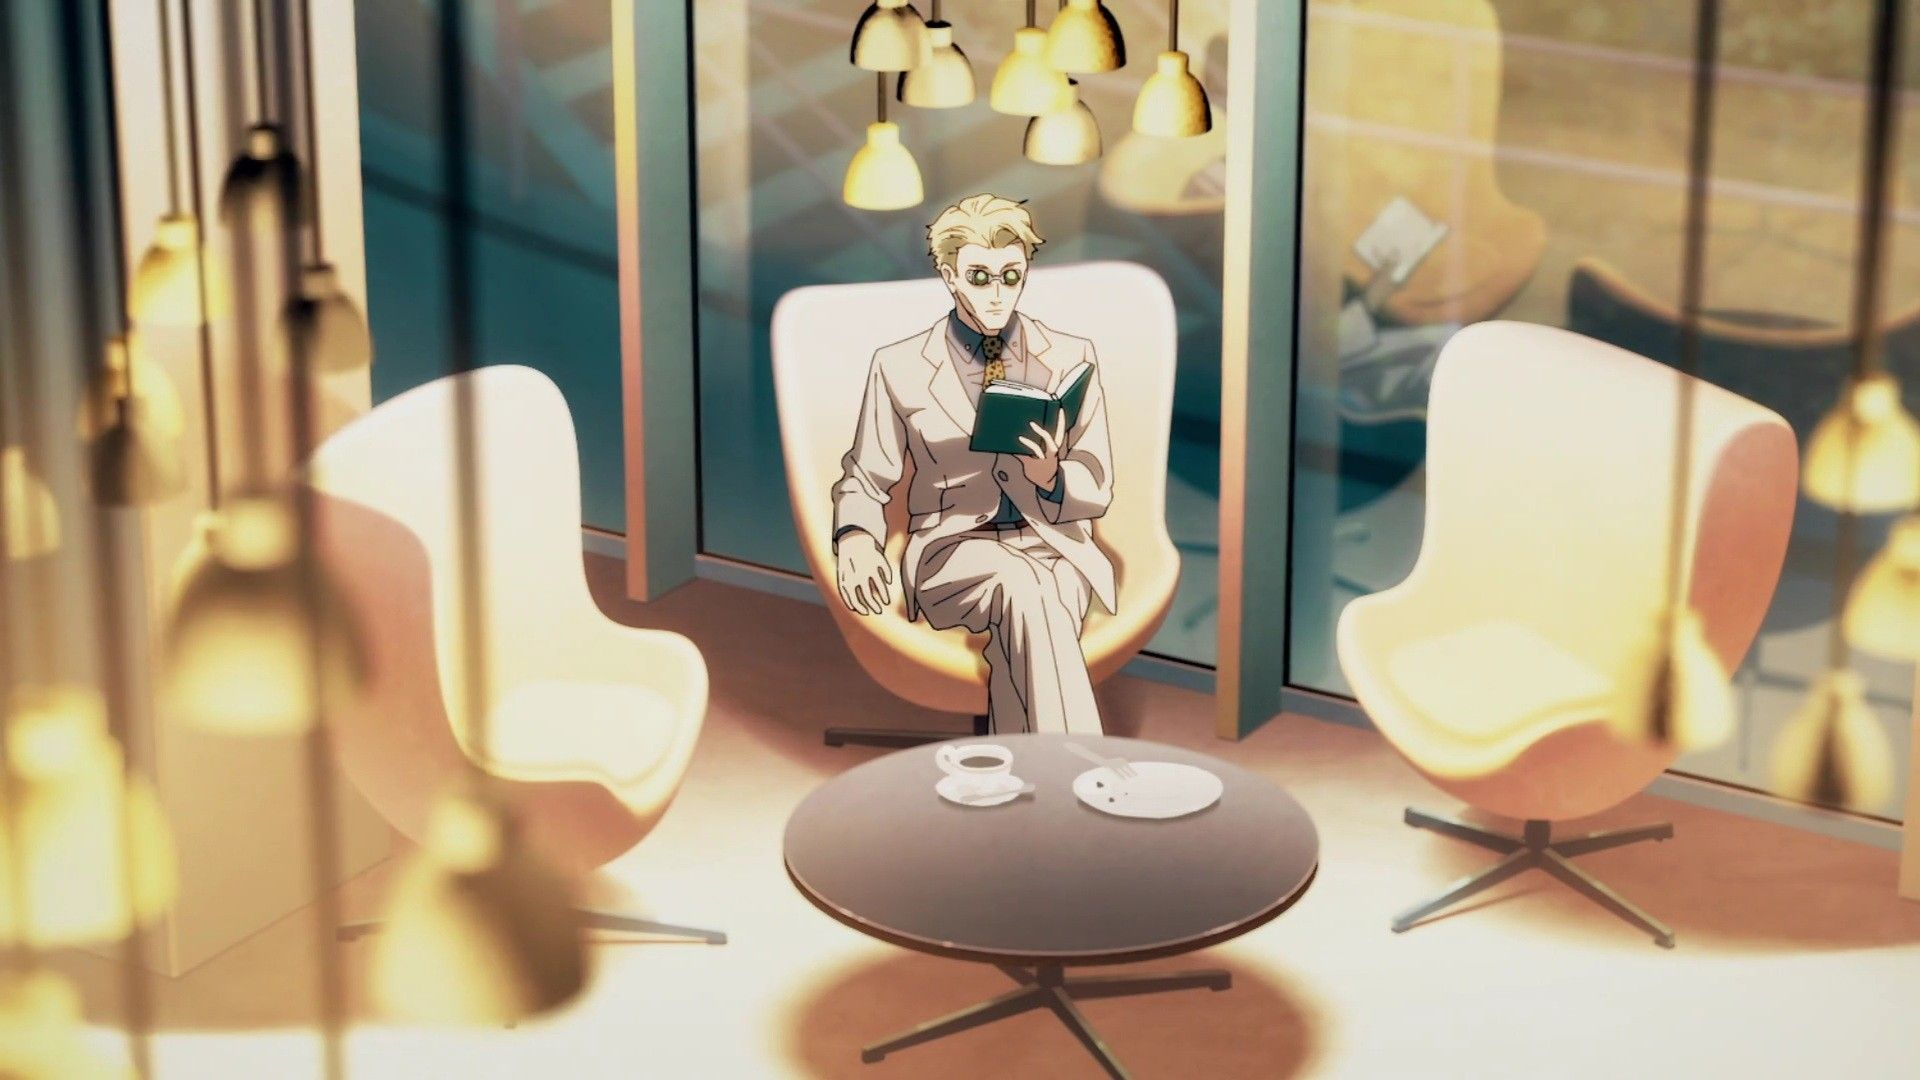 Kento Nanami Jujutsu Kaisen Jujutsu Nanami Anime Boyfriend